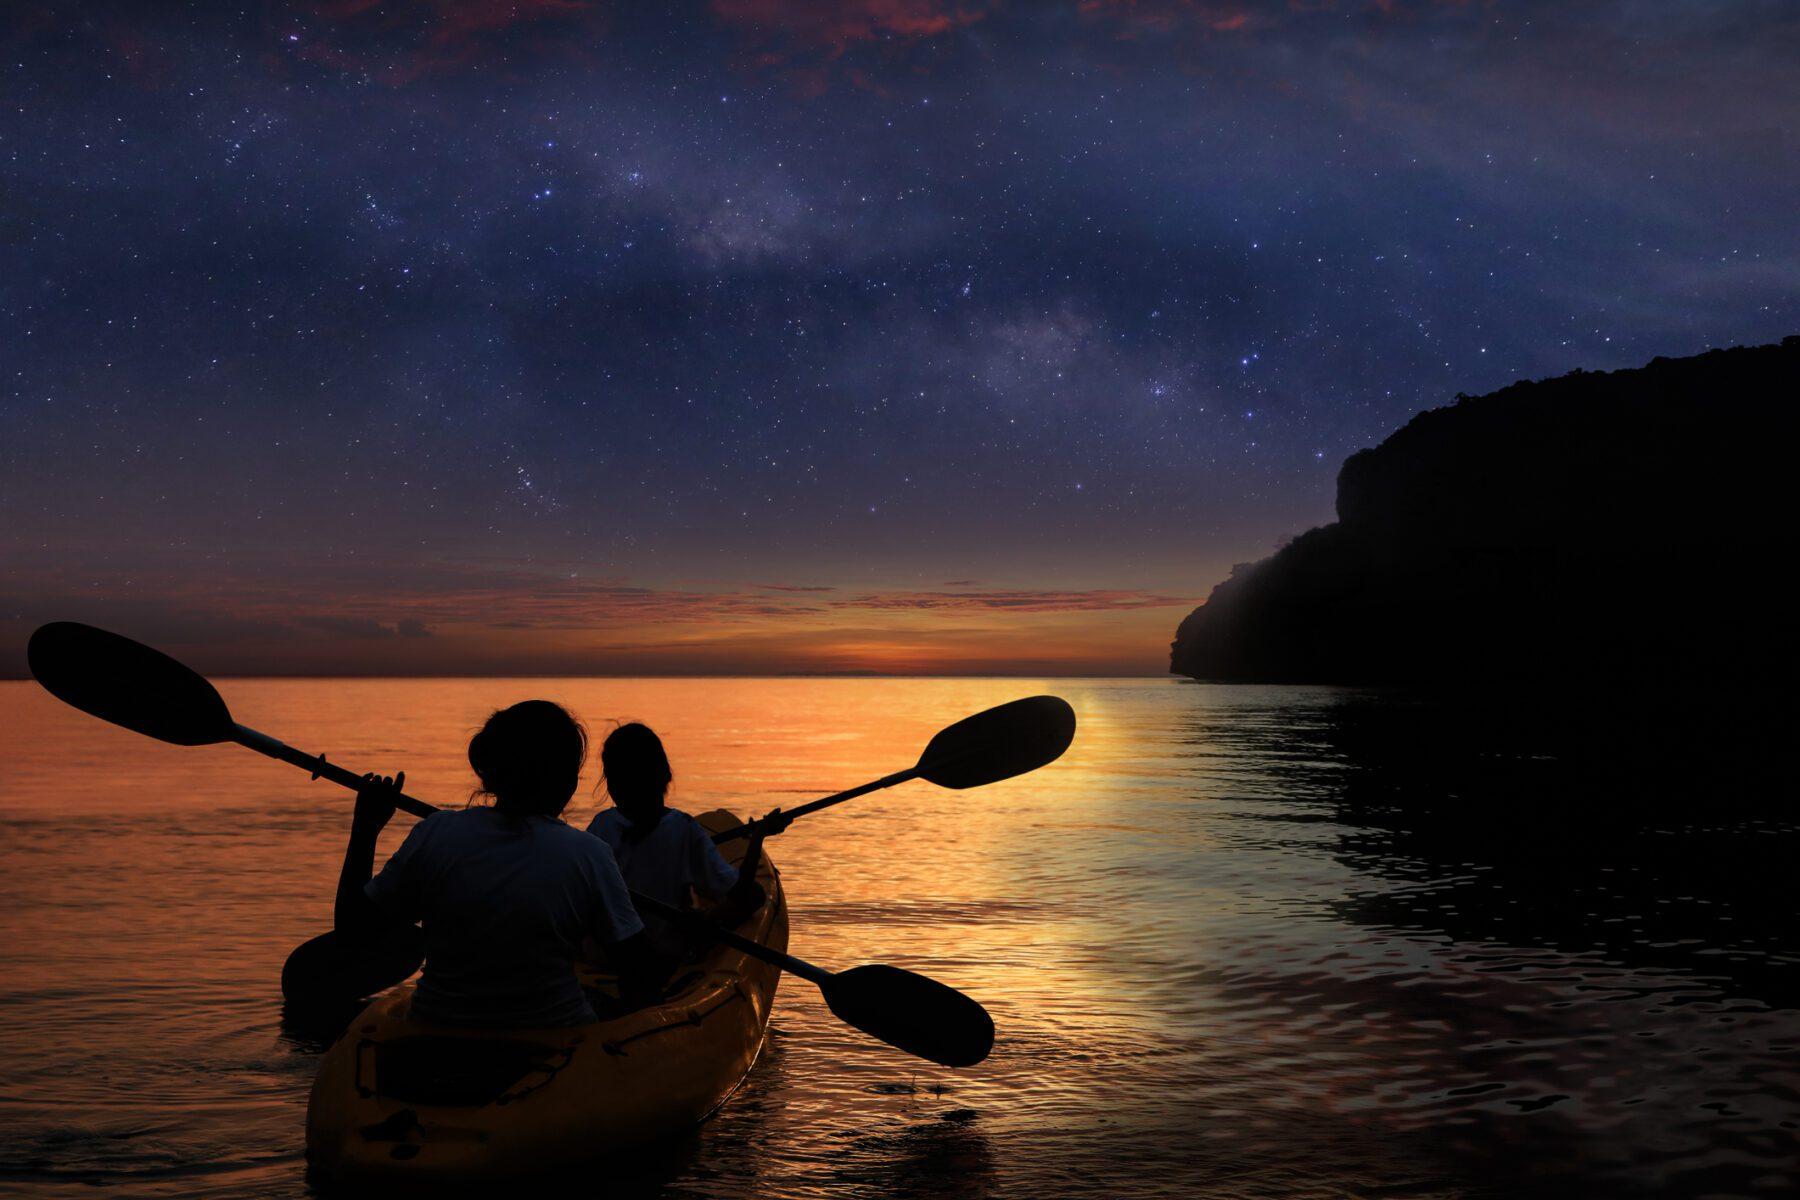 Kayaking at night